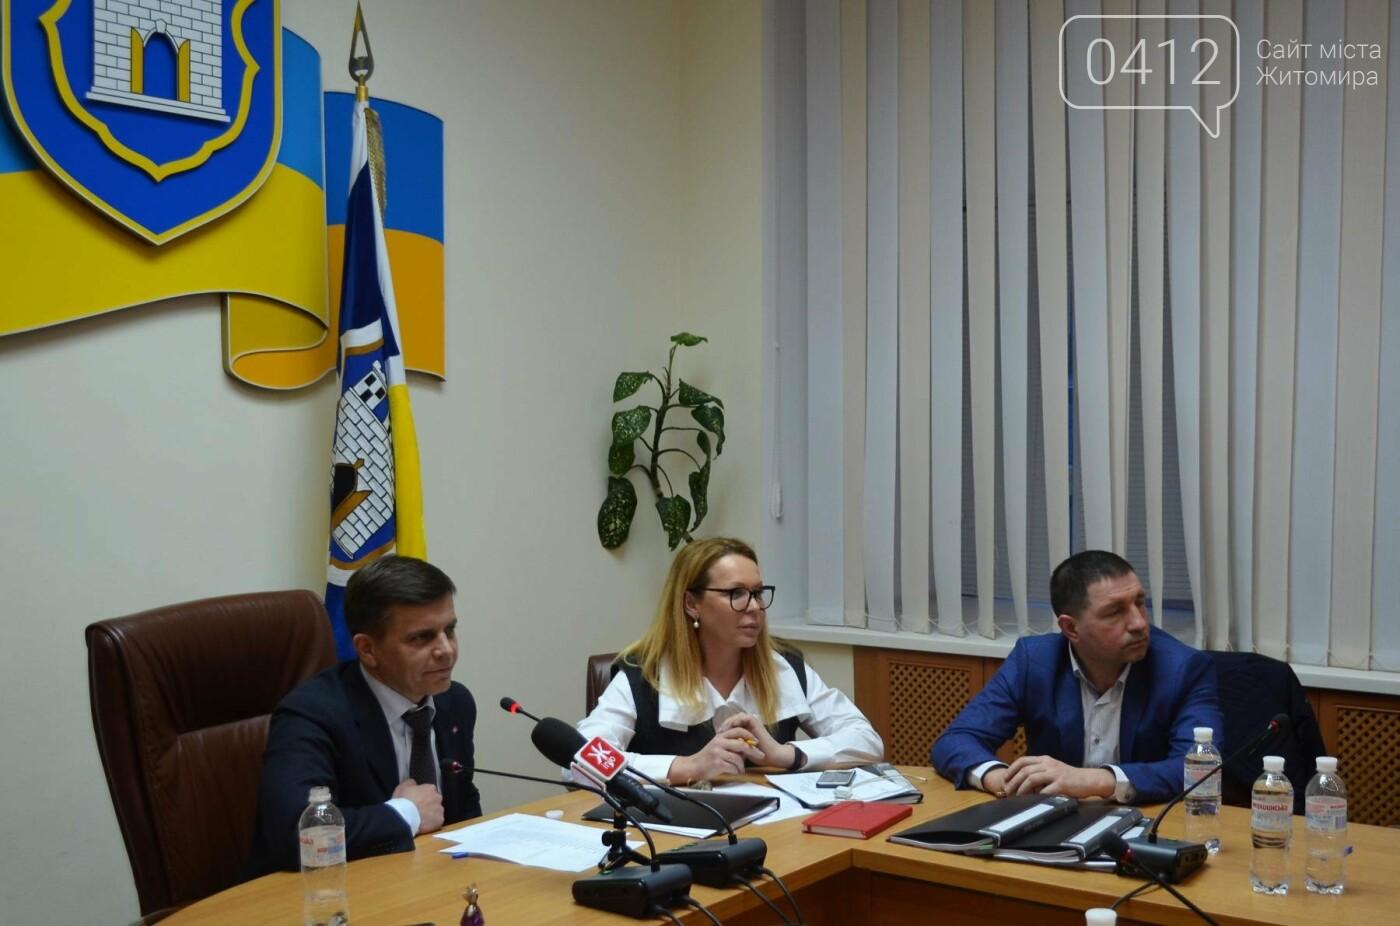 У Житомирі обрали членів Координаційної ради з питань бюджету участі, фото-1